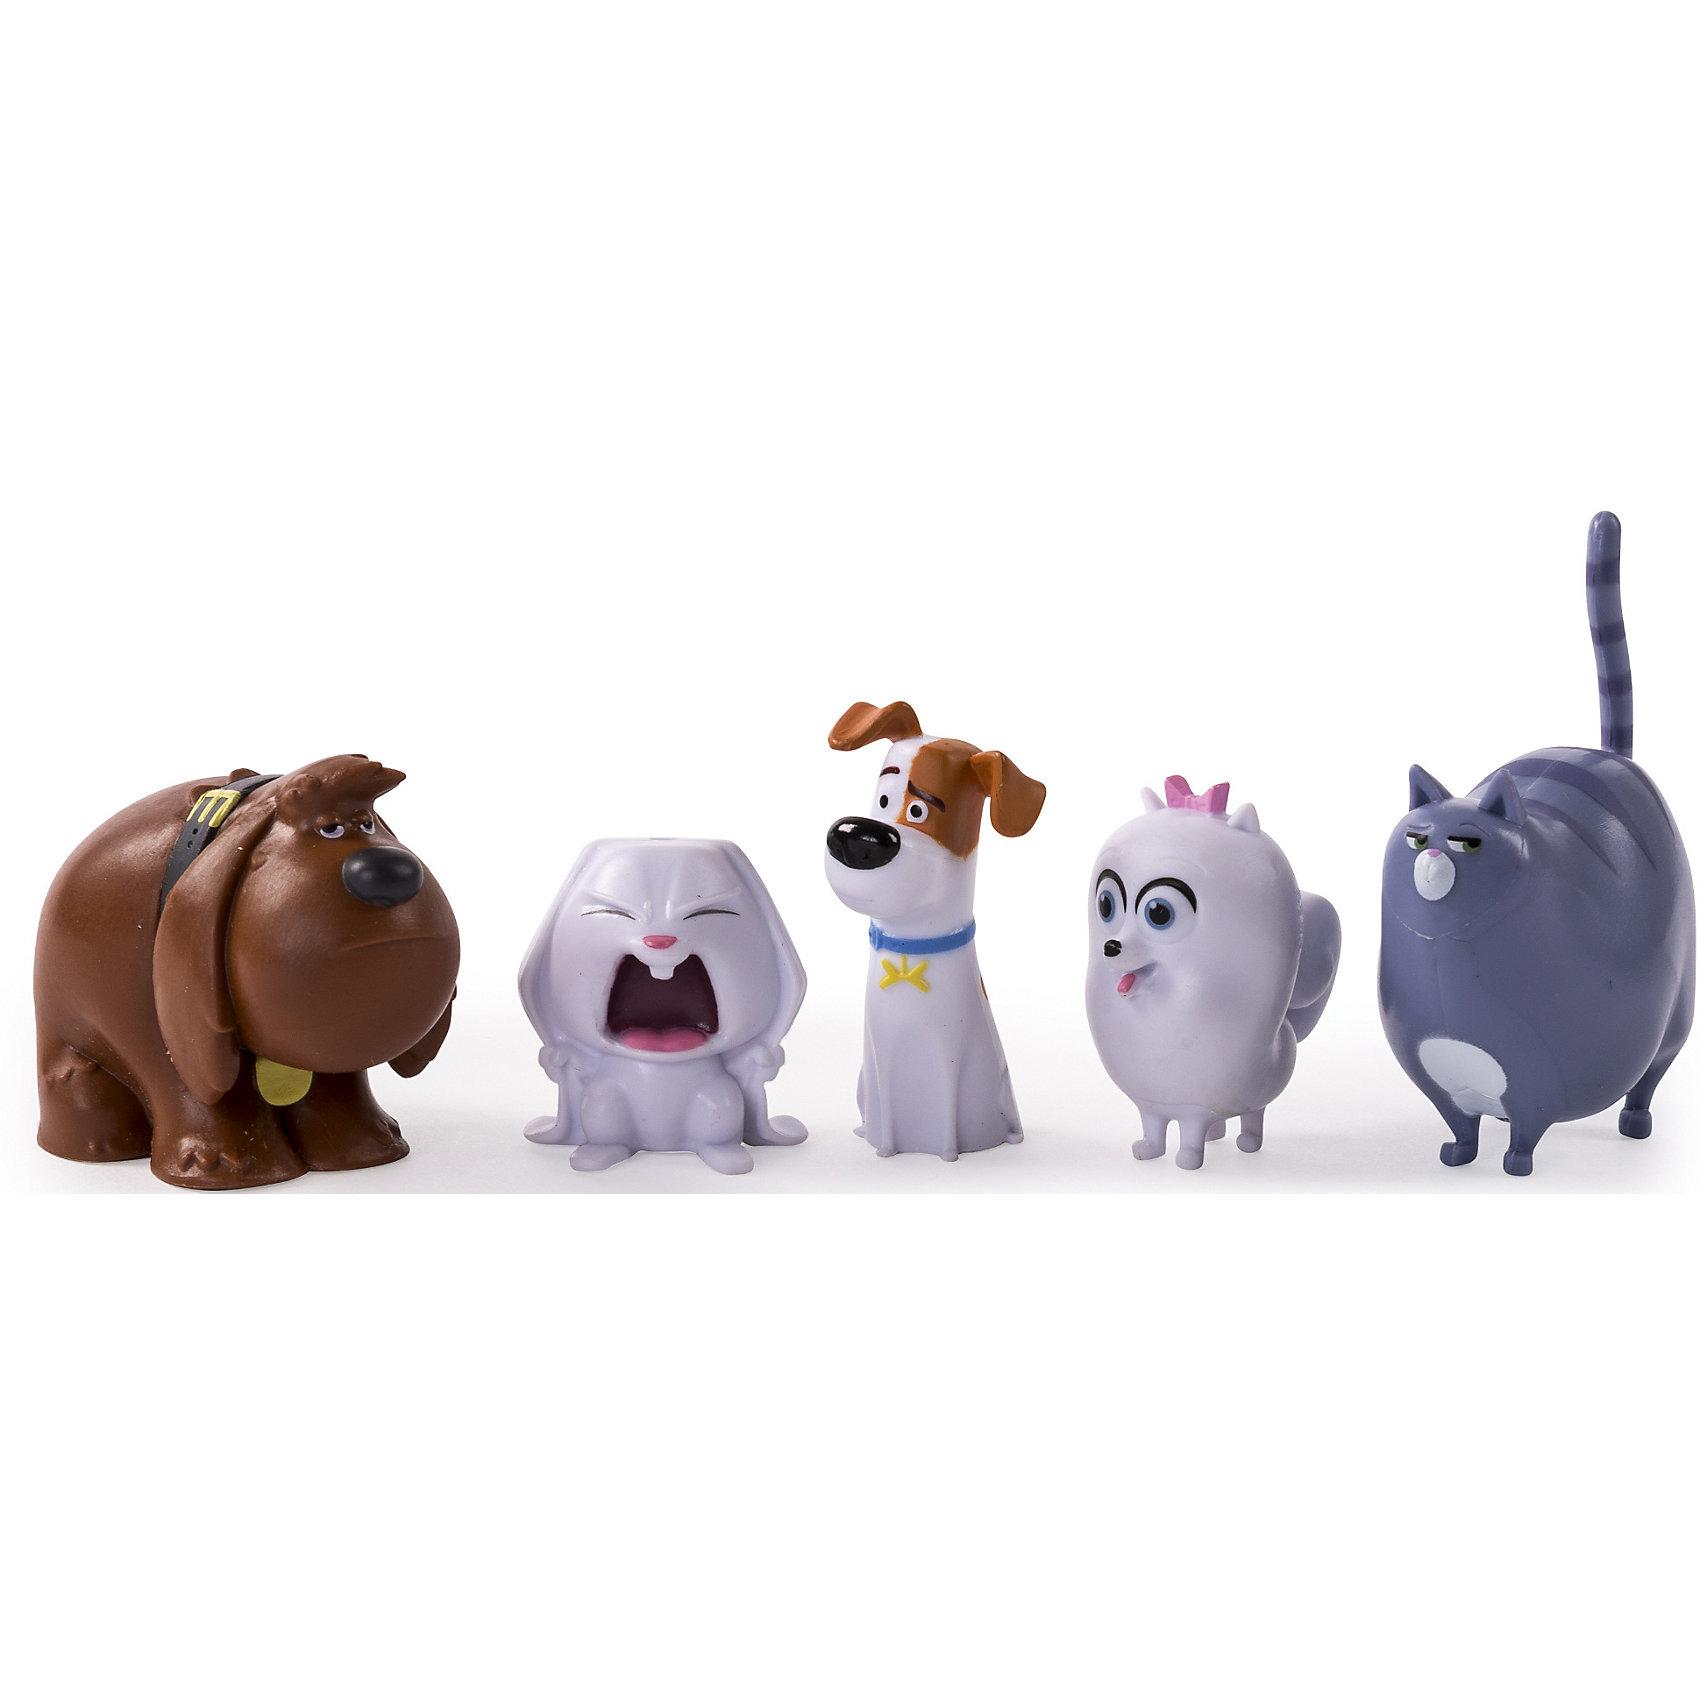 Набор из 5 мини-фигурок, Тайная жизнь домашних животныхВ наборе представлены главные герои мультфильма - терьер Макс, дворняжка Дюк, злобный кролик Снежок, шпиц Гиджет и упитанная кошка Хлоя. Фигурки выполнены очень качественно, тщательно проработаны и выглядят точь-в-точь как их персонажи!<br><br>Ширина мм: 155<br>Глубина мм: 125<br>Высота мм: 45<br>Вес г: 153<br>Возраст от месяцев: 36<br>Возраст до месяцев: 144<br>Пол: Унисекс<br>Возраст: Детский<br>SKU: 4875040